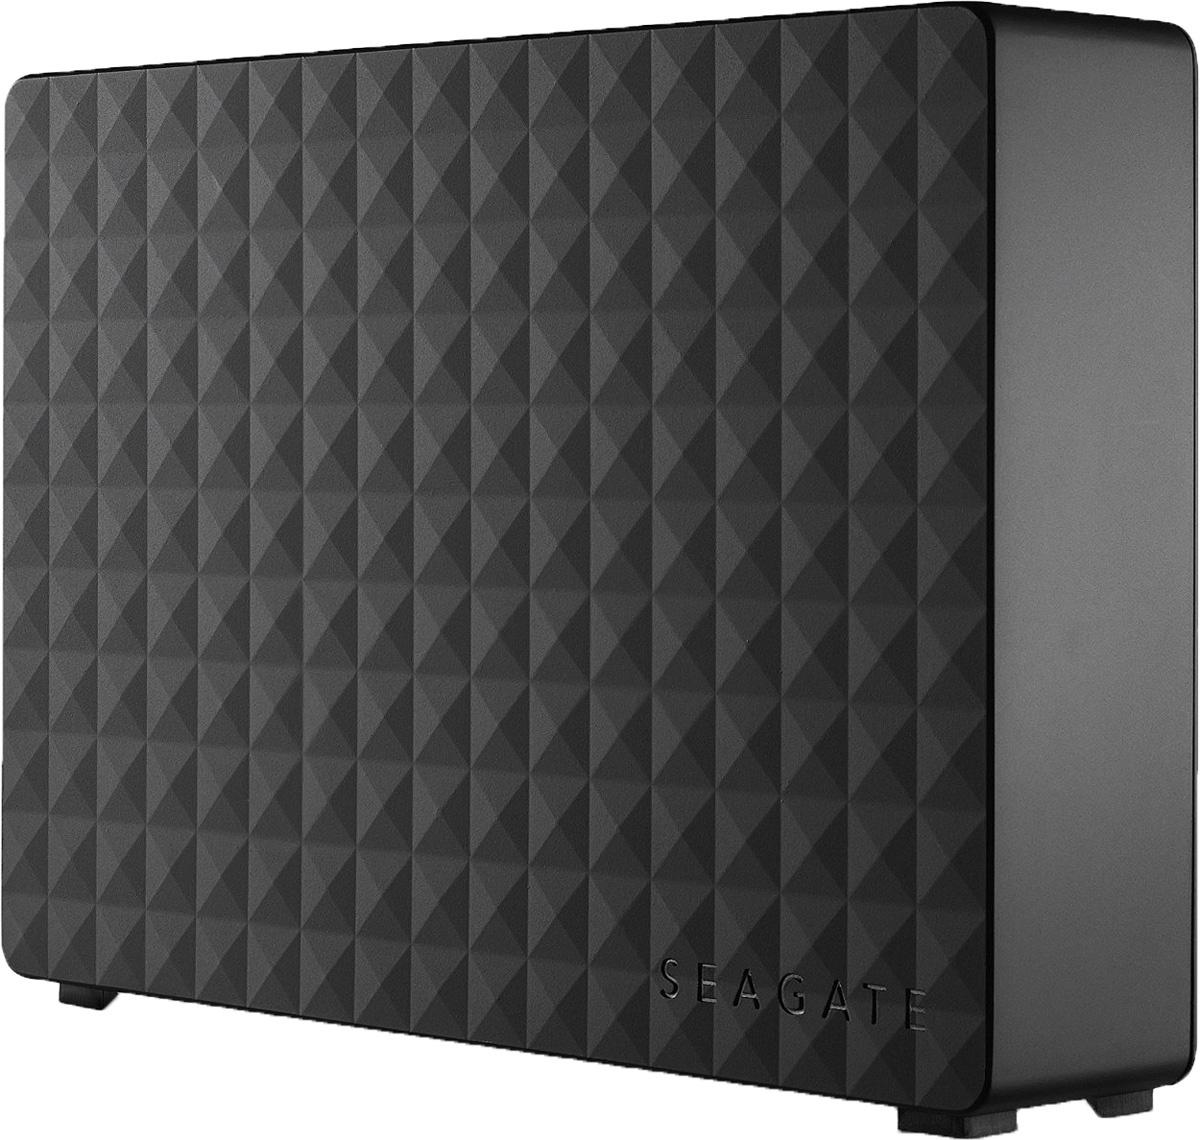 3 ТБ Внешний жесткий диск Seagate Expansion (STEB3000200), черный #1